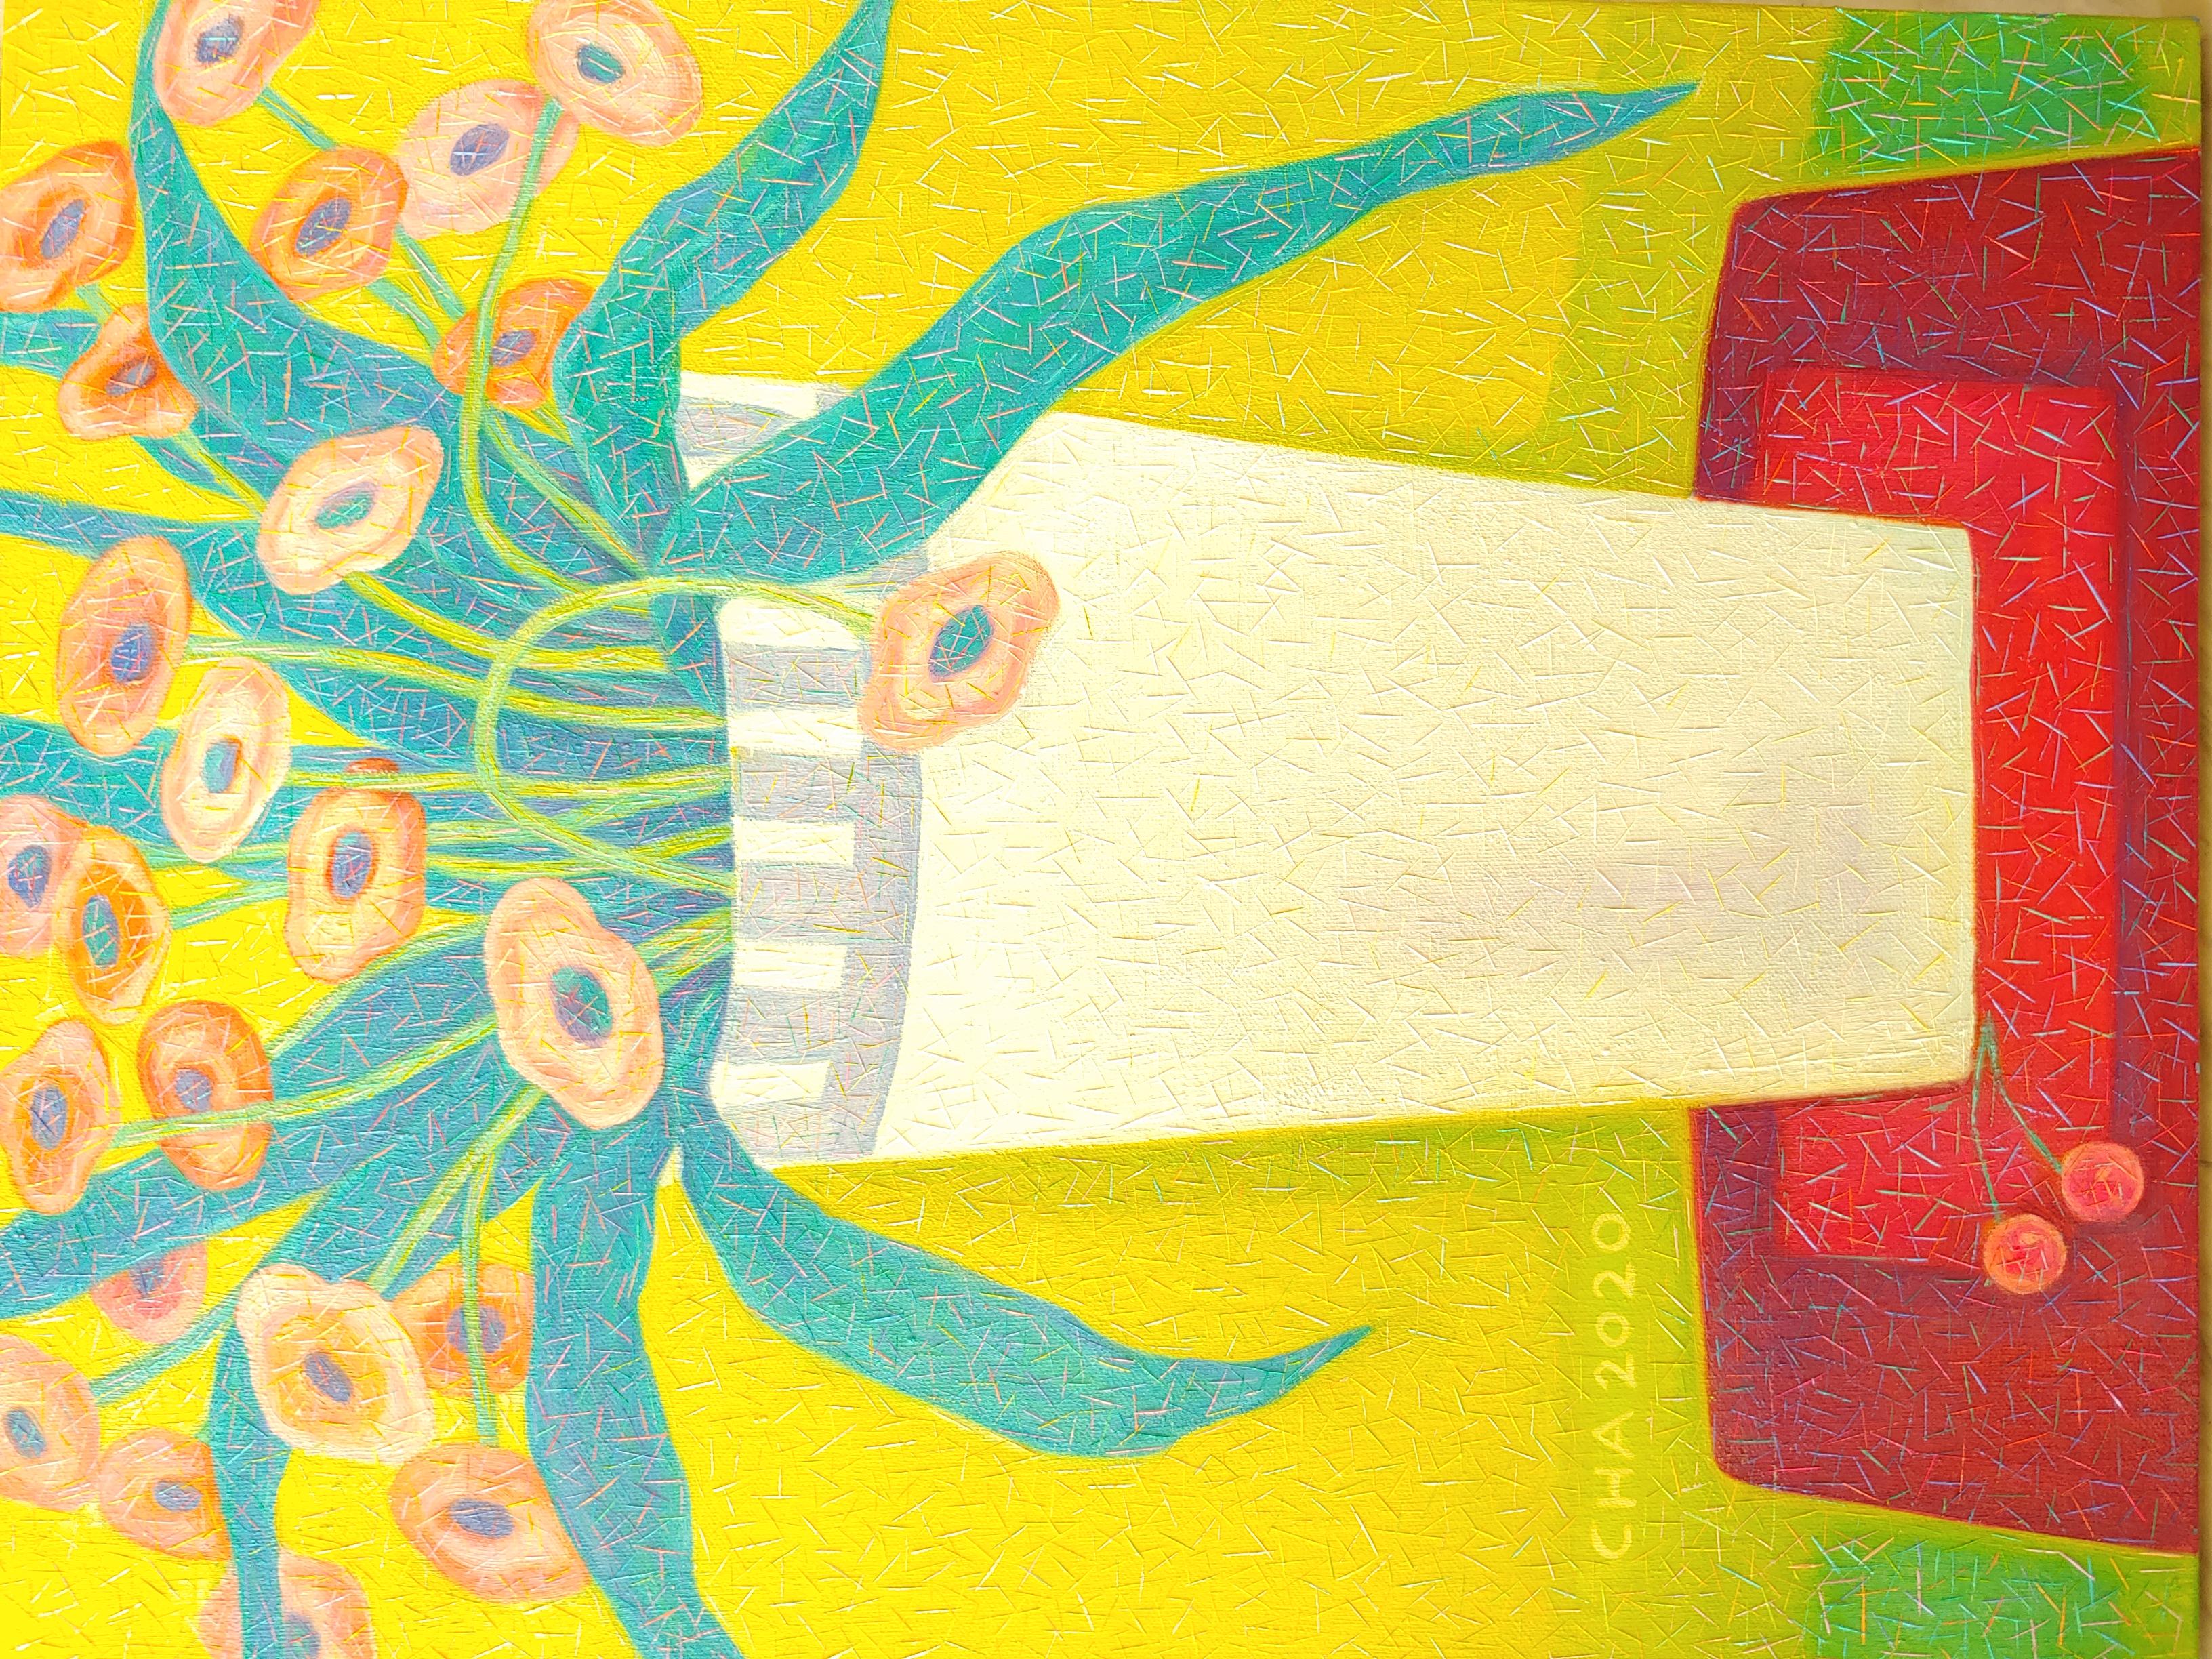 차명주1, 하얀 화병의 꽃, 40.9 x 53